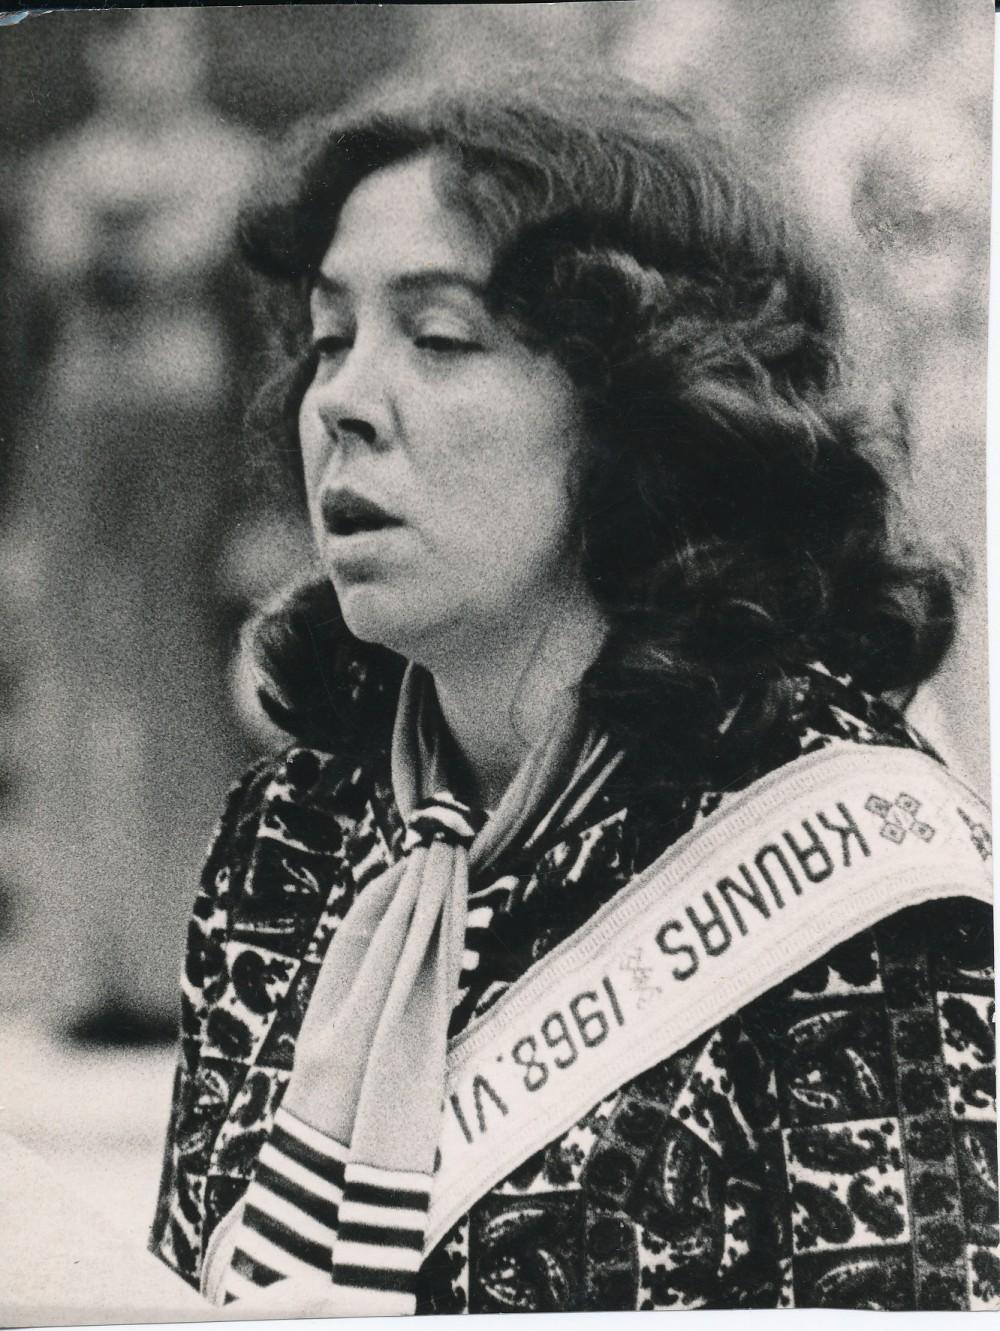 """1968-ųjų Poezijos pavasario laureatė Janina Degutytė Kaune. Ketvirtąja Poezijos pavasario laureate J. Degutytė tapo už eilėraščių rinkinį """"Pilnatis"""", išėjusį 1967 m."""